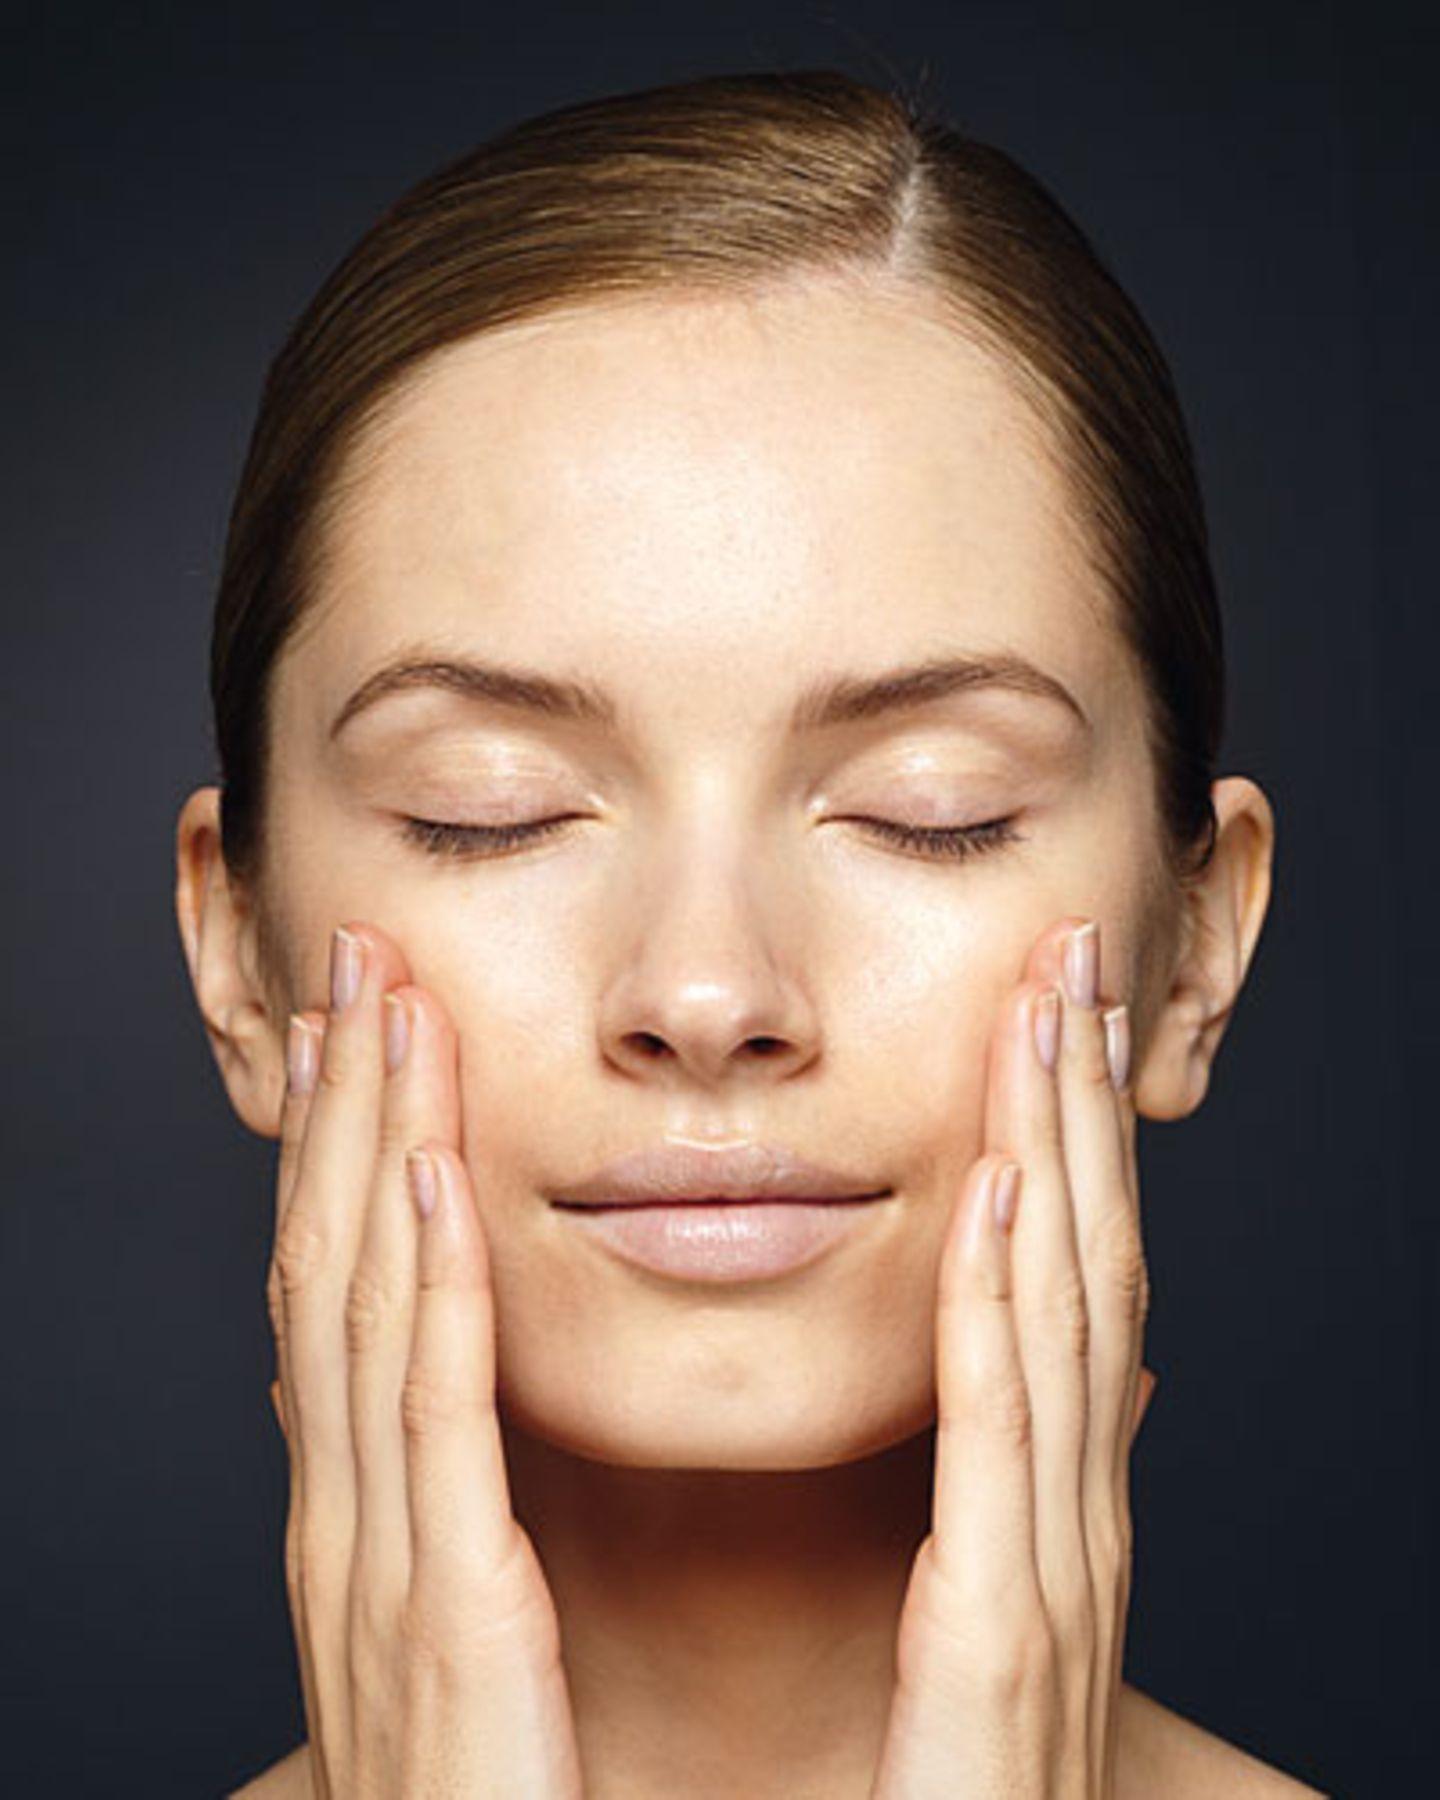 Nachdem Sie die Foundation (z. B. Dior) aufgetragen haben, die Handflächen für 2 bis 3 Sekunden sanft aufs Gesicht pressen ? das fixiert.